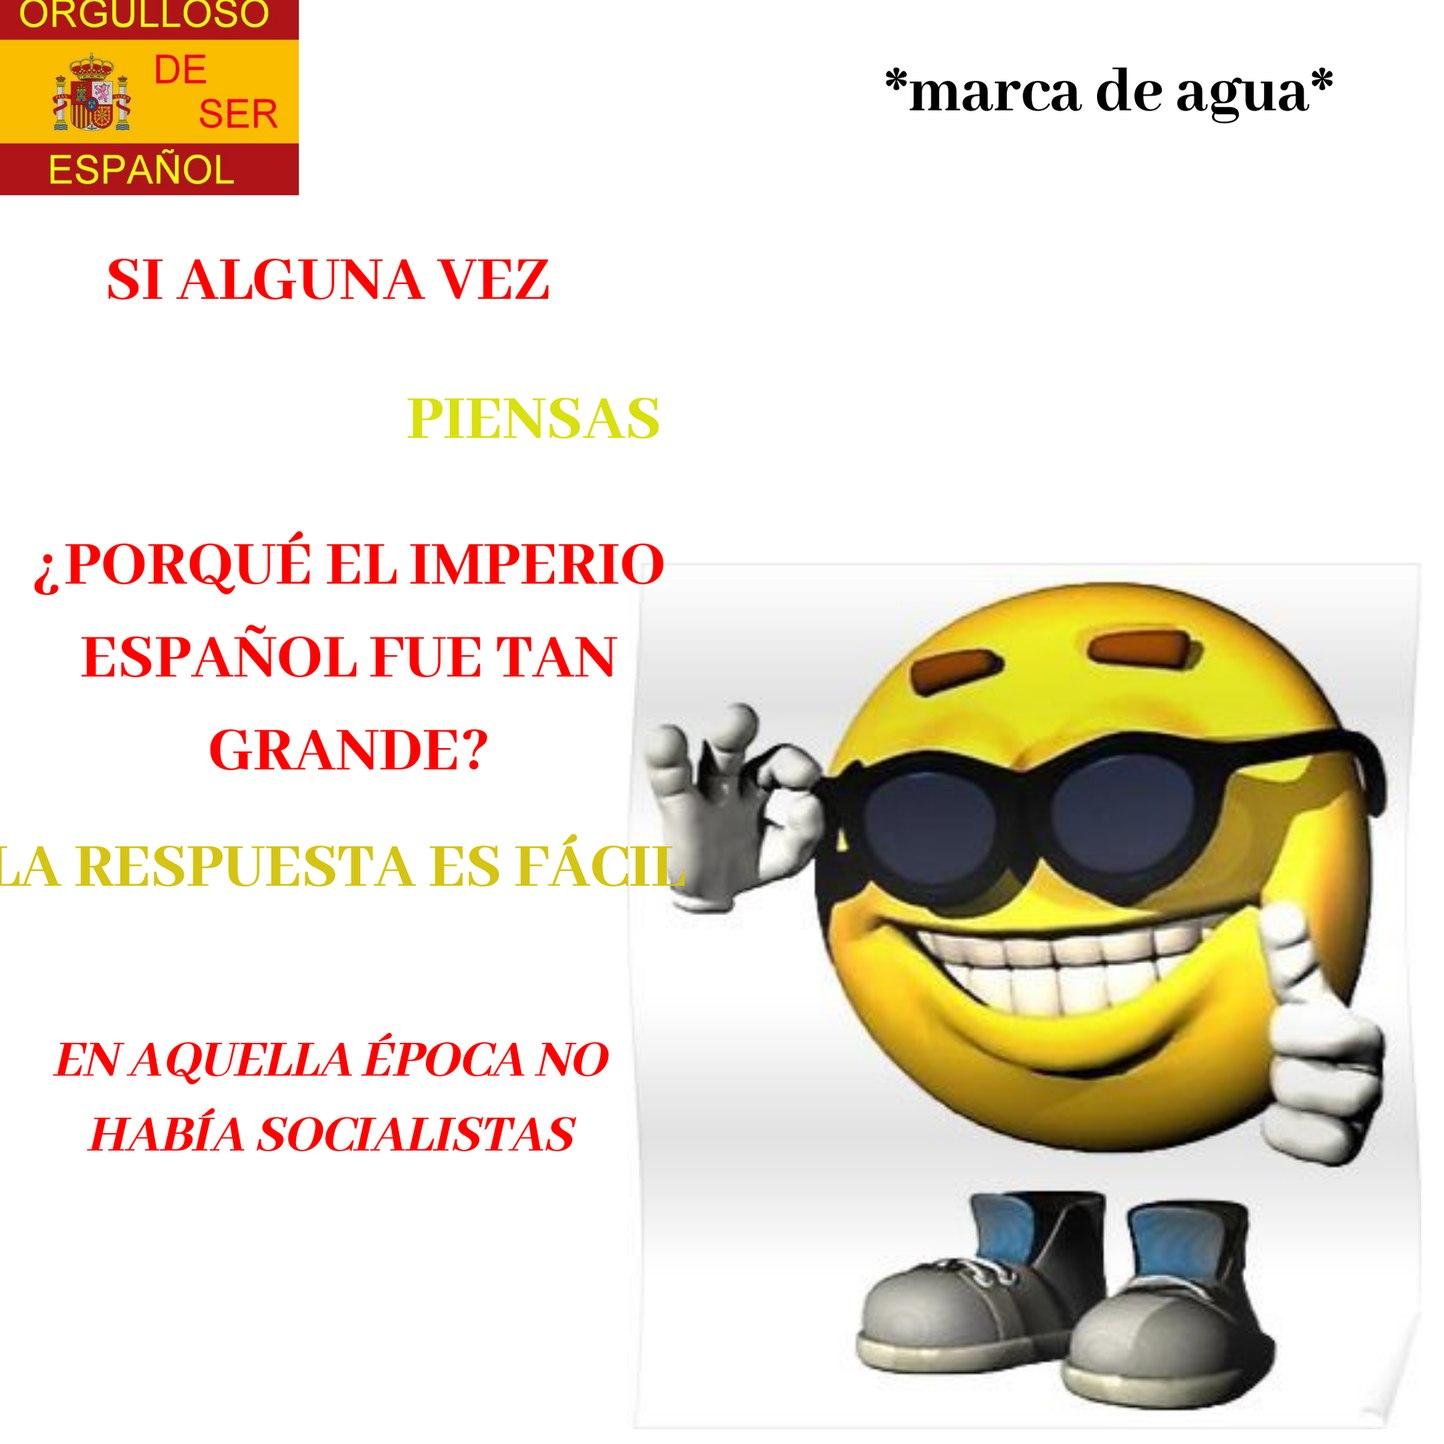 Malditos socialistas - meme